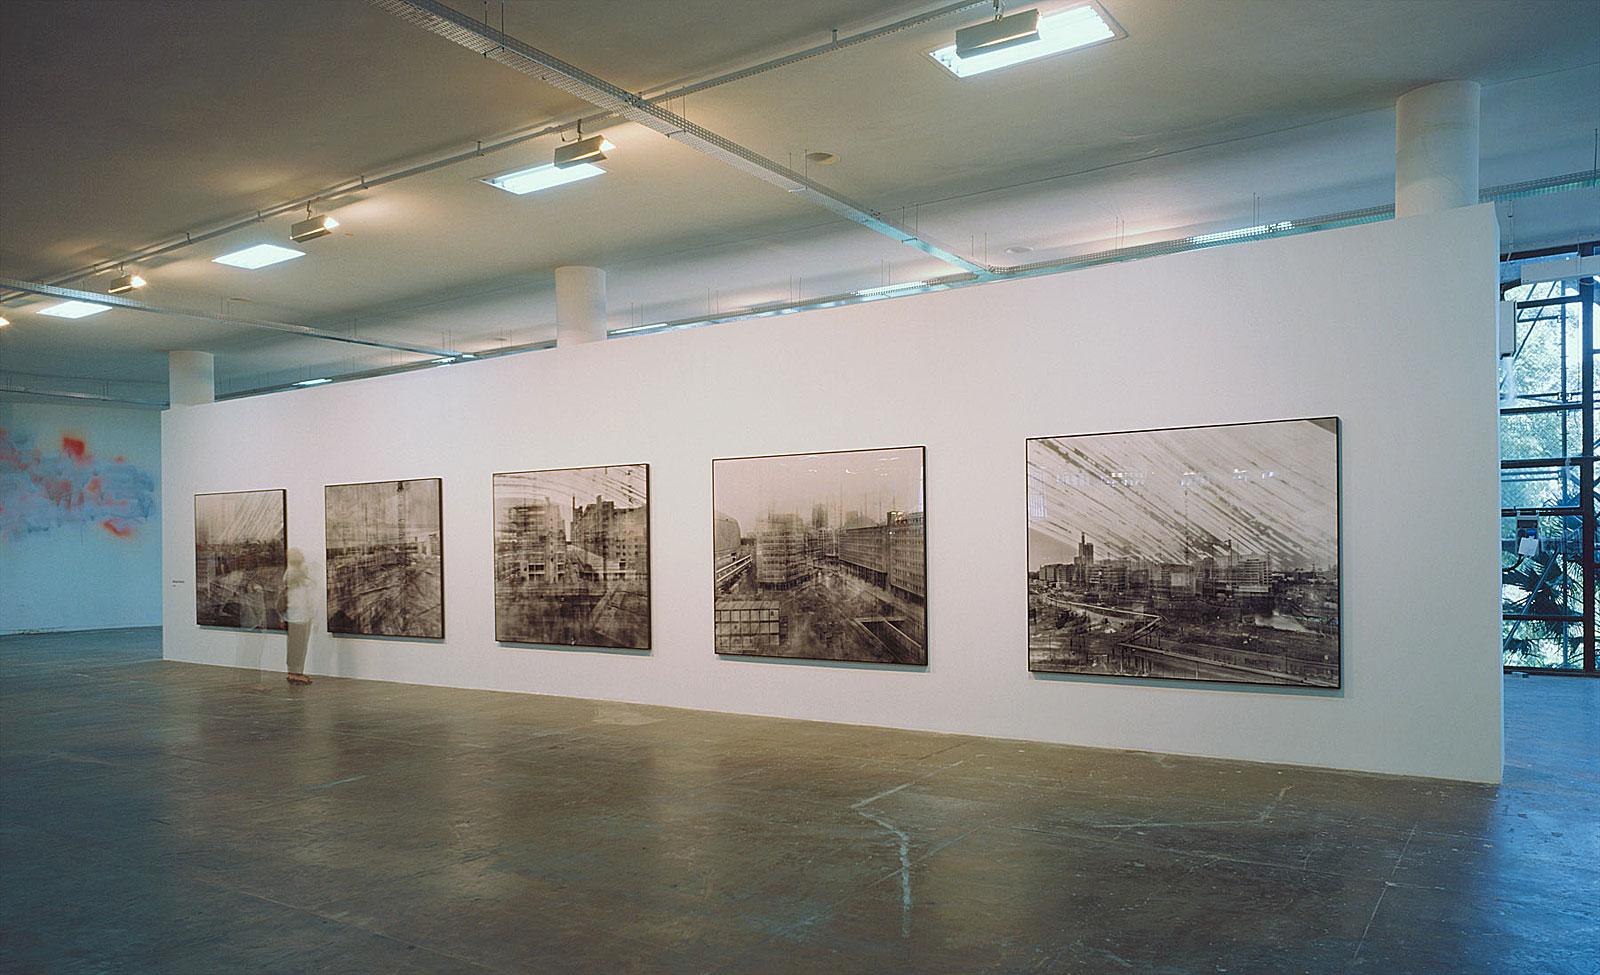 Potsdamer Platz, Berlin, 25. Biennale von São Paulo (14.11 - 14.17 Uhr, 30.4.2002)